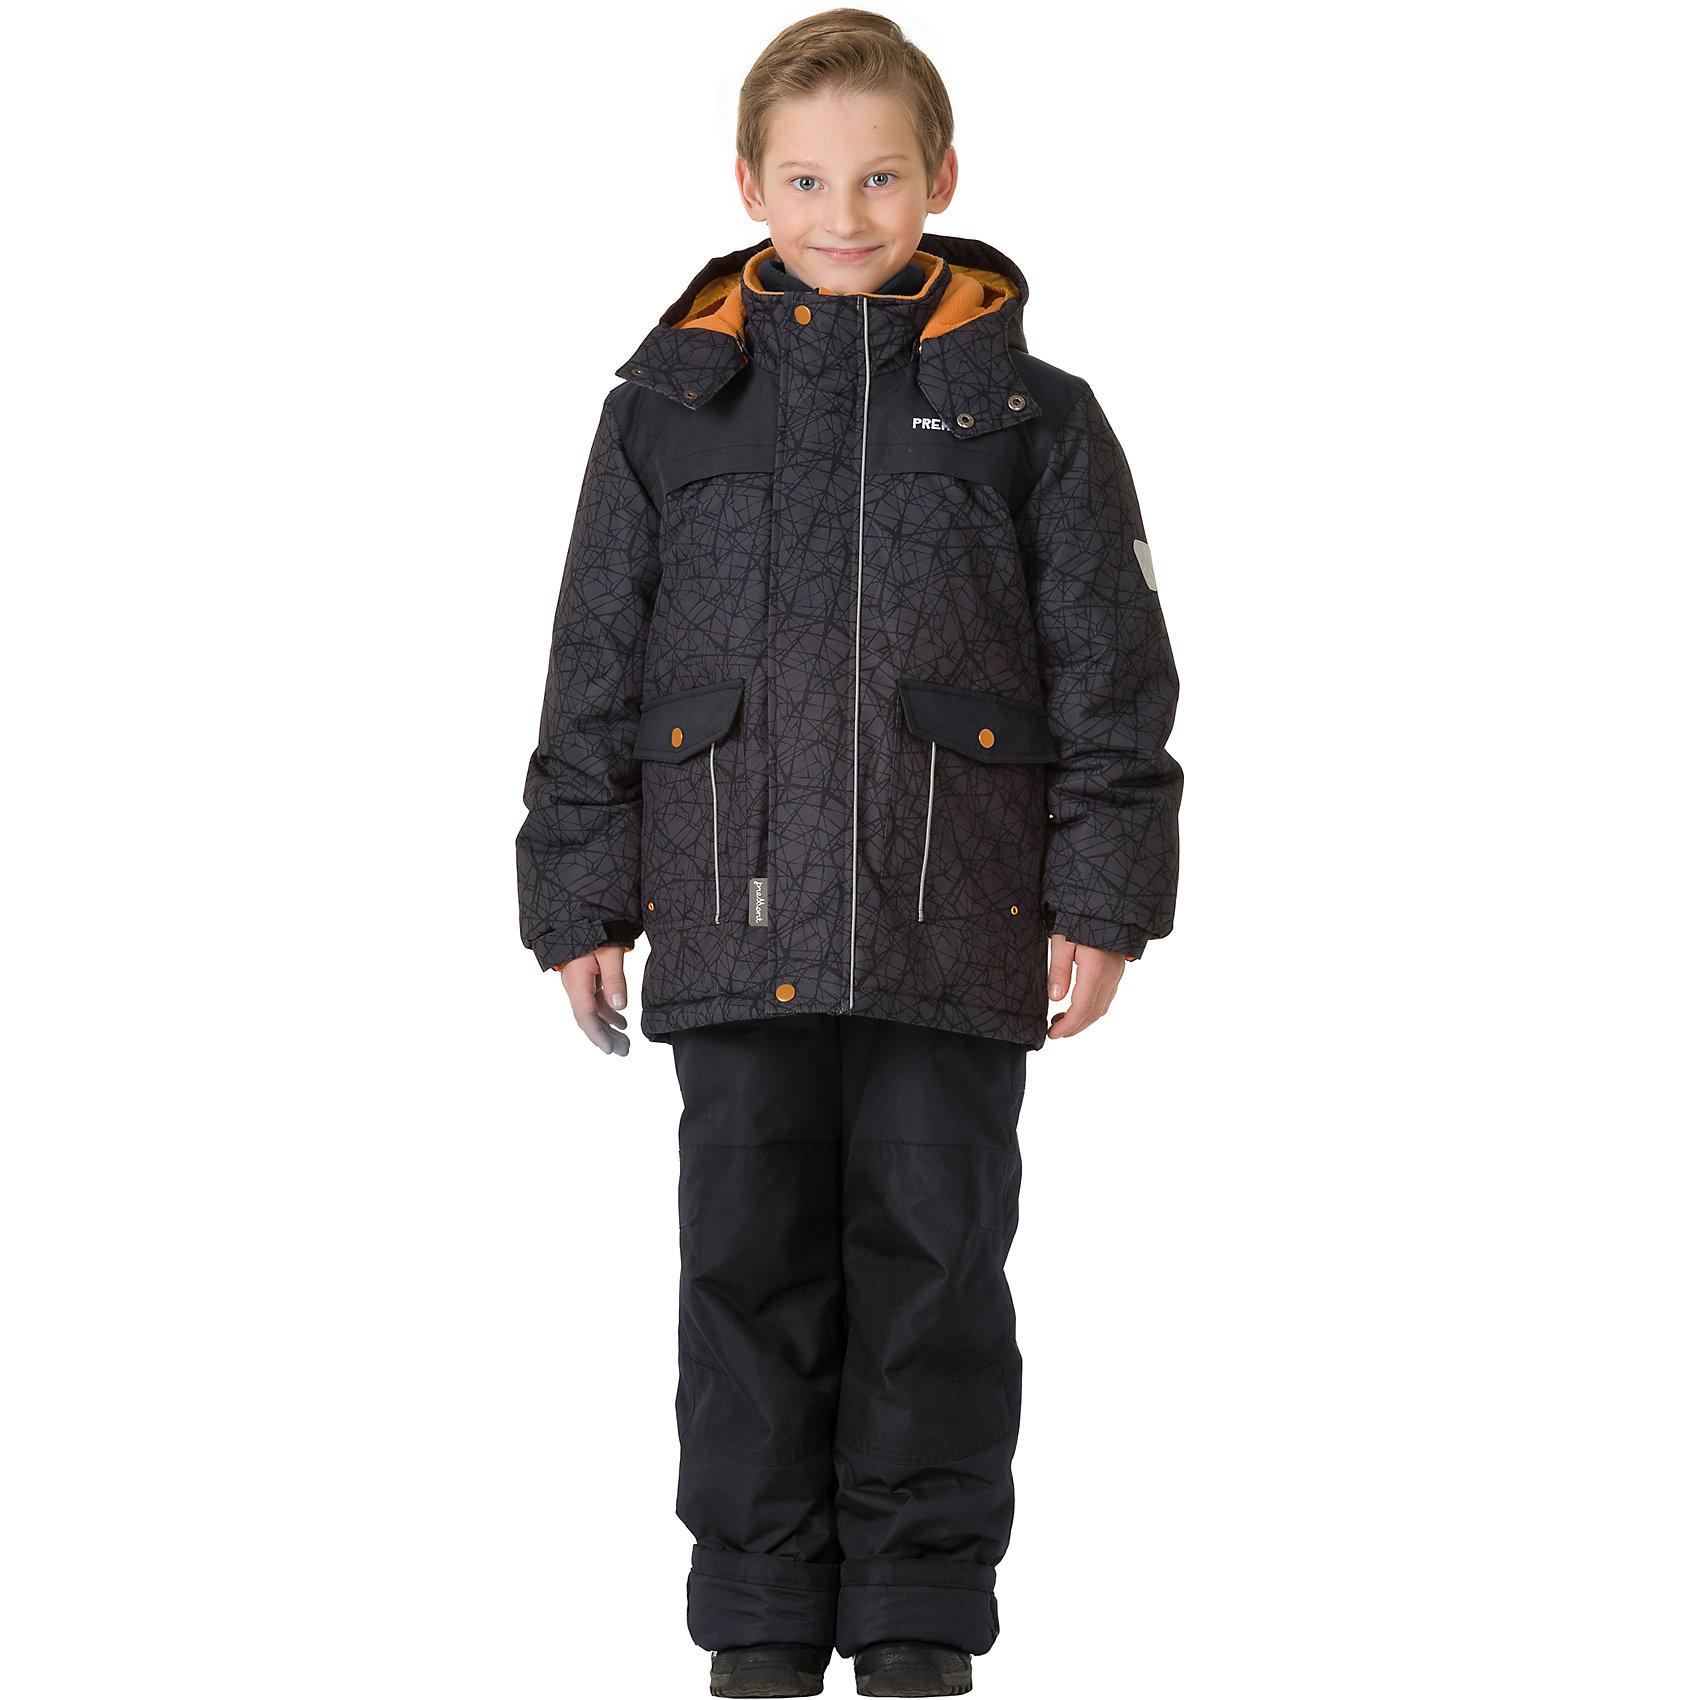 Комплект: куртка и брюки Premont для мальчикаВерхняя одежда<br>Характеристики товара:<br><br>• цвет: черный<br>• комплектация: куртка и брюки<br>• состав ткани: Taslan<br>• подкладка: Polar fleece, Taffeta<br>• утеплитель: Tech-polyfill<br>• сезон: зима<br>• мембранное покрытие<br>• температурный режим: от -30 до +5<br>• водонепроницаемость: 5000 мм <br>• паропроницаемость: 5000 г/м2<br>• плотность утеплителя: куртка - 280 г/м2, брюки - 180 г/м2<br>• капюшон: съемный<br>• искусственный мех на капюшоне отстегивается<br>• застежка: молния<br>• страна бренда: Канада<br>• страна изготовитель: Китай<br><br>Черный зимний детский комплект позволяет ребенку не замерзнуть даже в сильный мороз, потому что теплый комплект для детей сделан с применением мембранной технологии. Зимний комплект для ребенка обеспечивает удобство при долгом нахождении ребенка на улице. <br><br>Комплект: куртка и брюки для мальчика Premont (Премонт) можно купить в нашем интернет-магазине.<br><br>Ширина мм: 356<br>Глубина мм: 10<br>Высота мм: 245<br>Вес г: 519<br>Цвет: серый<br>Возраст от месяцев: 156<br>Возраст до месяцев: 168<br>Пол: Мужской<br>Возраст: Детский<br>Размер: 164,104,110,116,120,122,128,140,152<br>SKU: 7088366